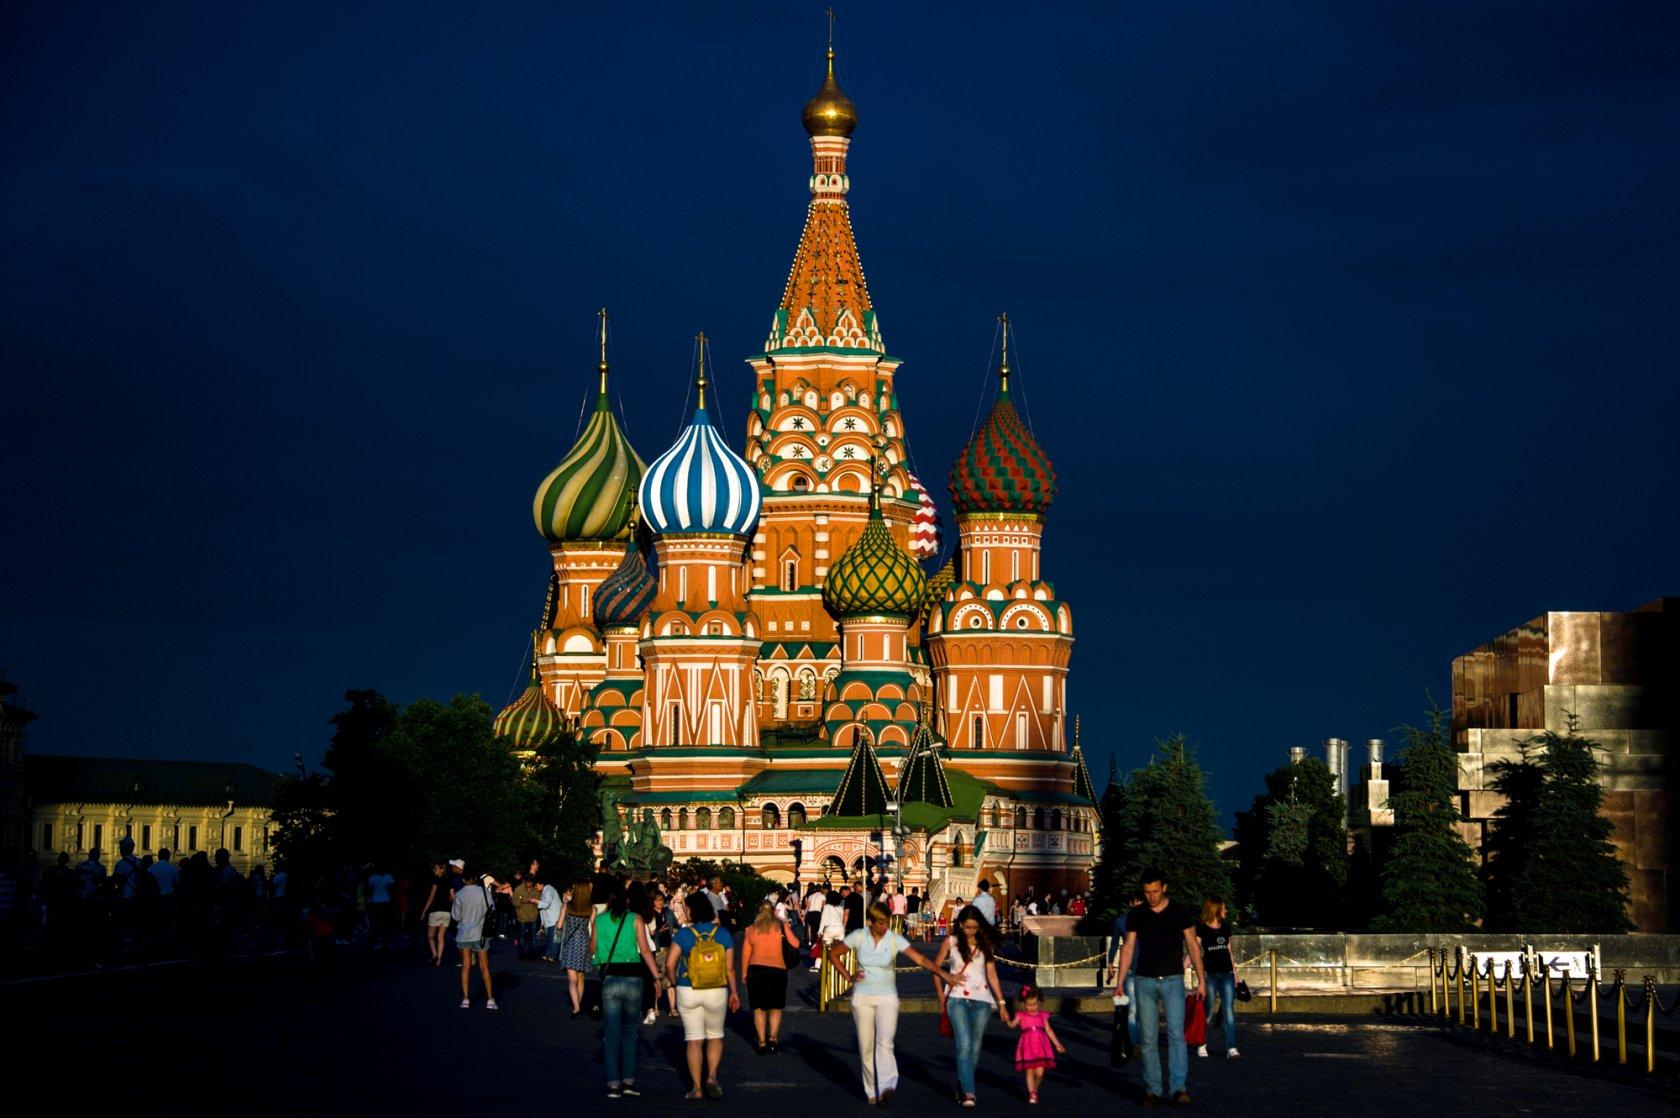 Moscou:a capital da Rússia e local de realização da Copa do Mundo 2018 de futebol